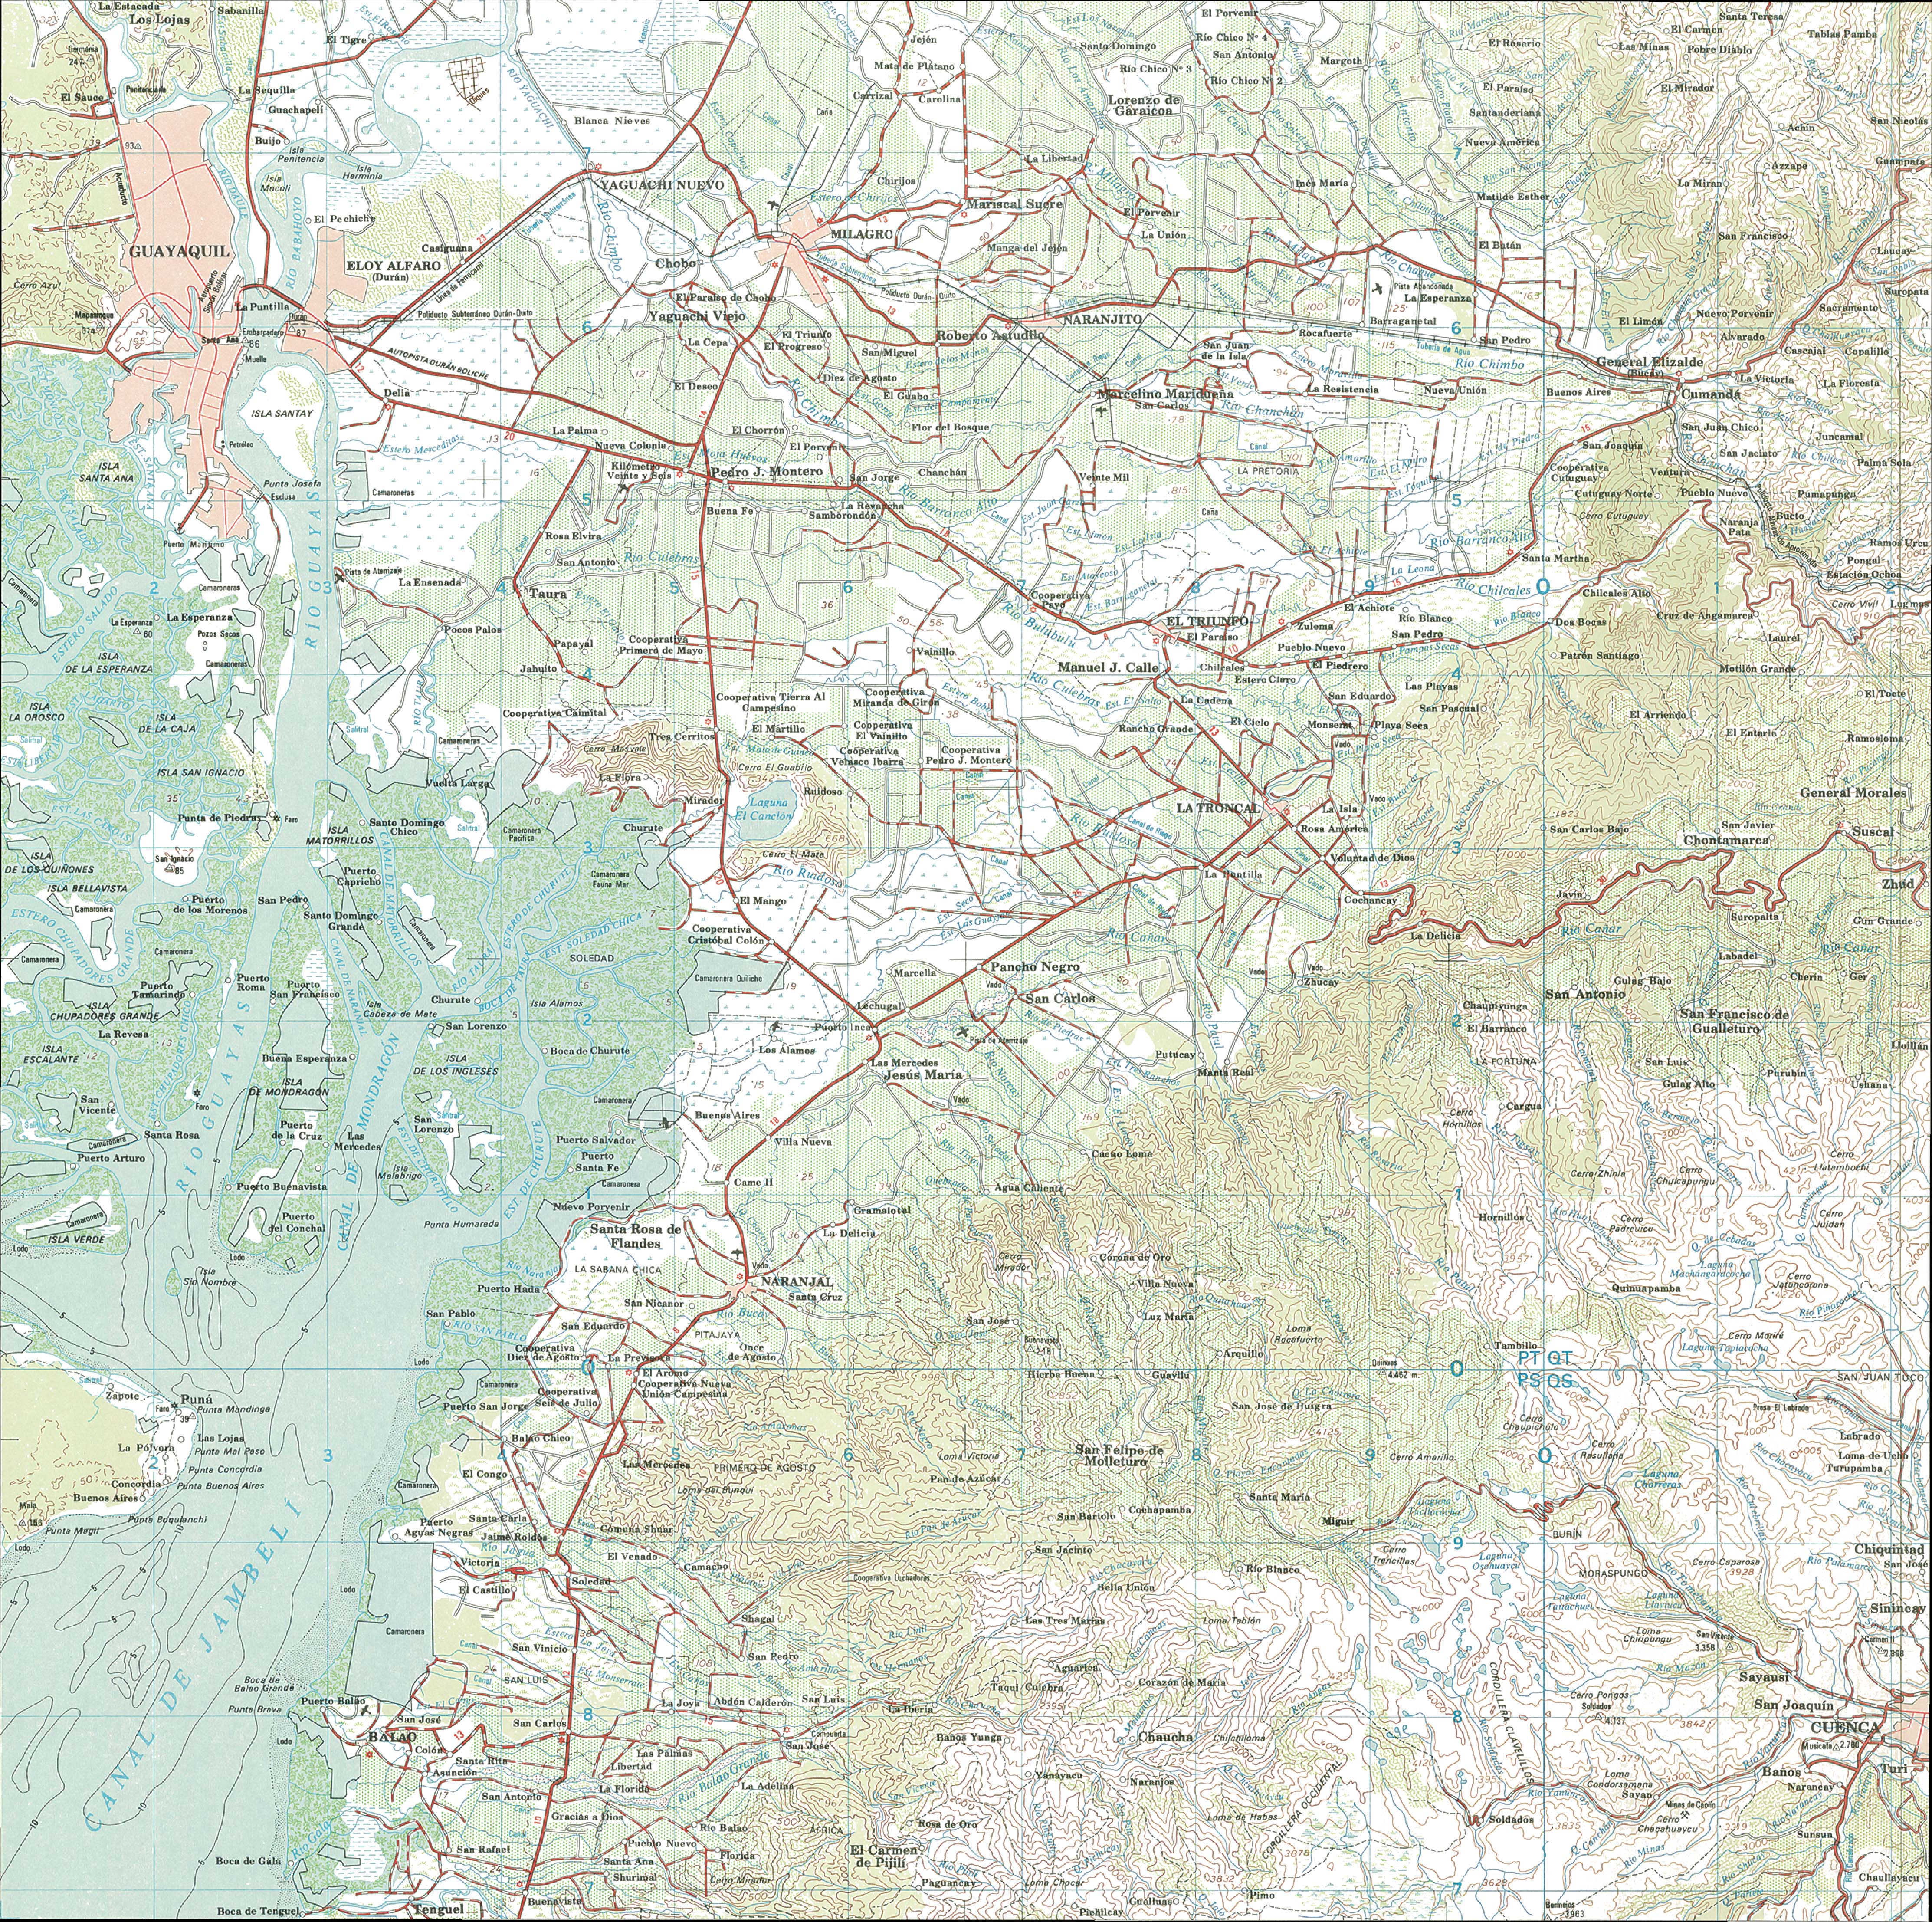 Mapa topográfico de la región de Guayaquil